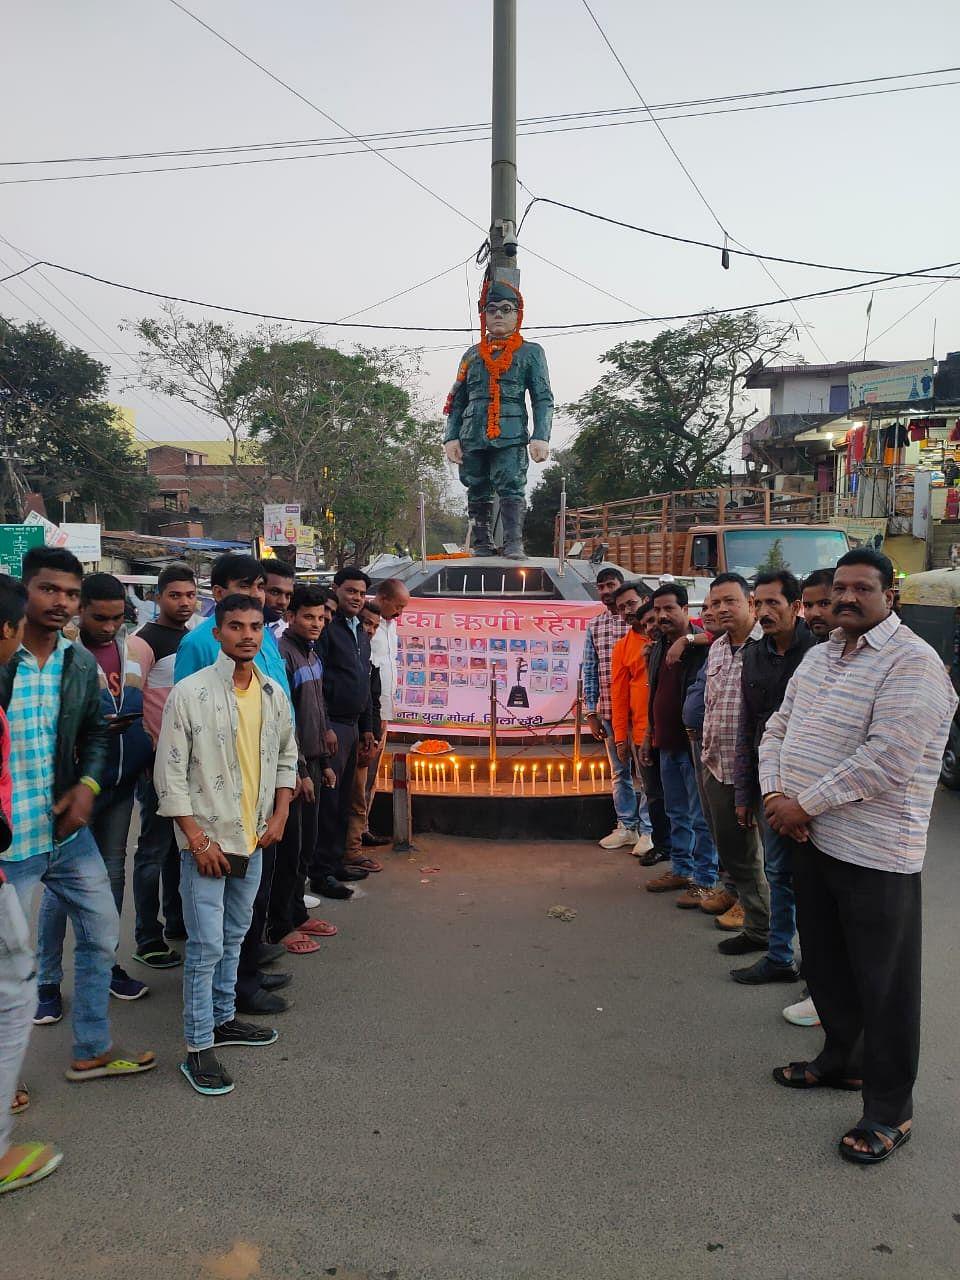 पुलवामा के शहीदों को भाजयुमो ने दी श्रद्धांजलि, कैंडल मार्च निकाला